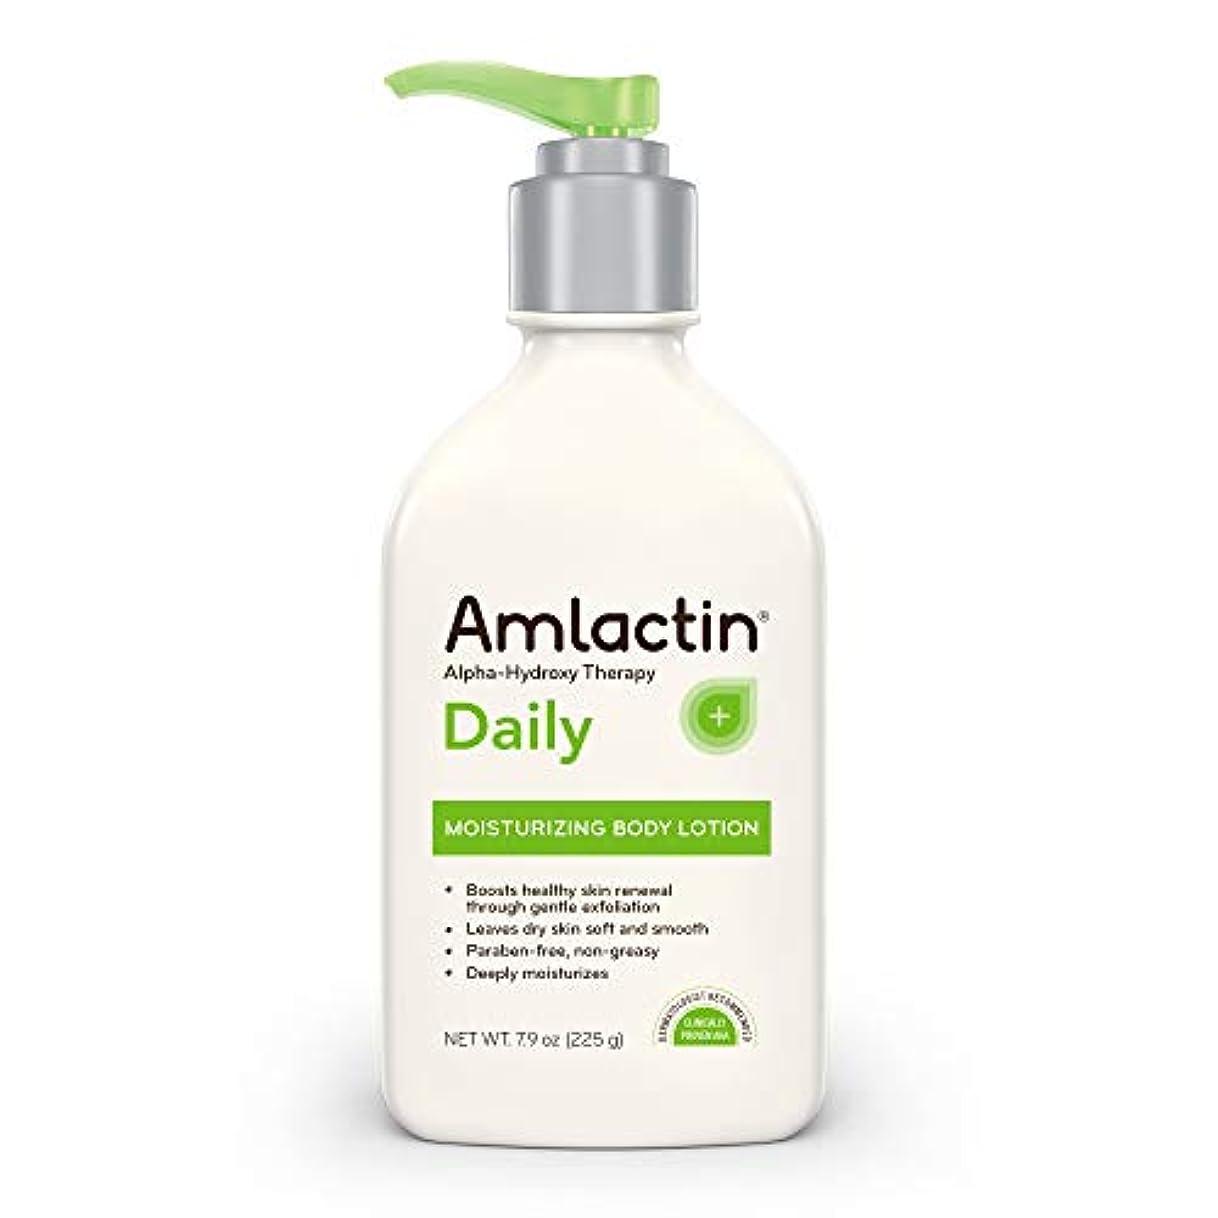 息を切らして肯定的ブローAmLactin デイリーモイスチャライジング ボディローション 瞬時に水分補給 粗さを和らげる 強力なアルファヒドロキシセラピー 優しく体を拡散 粗く滑らか ドライスキン パラベンフリー 7.9オンス